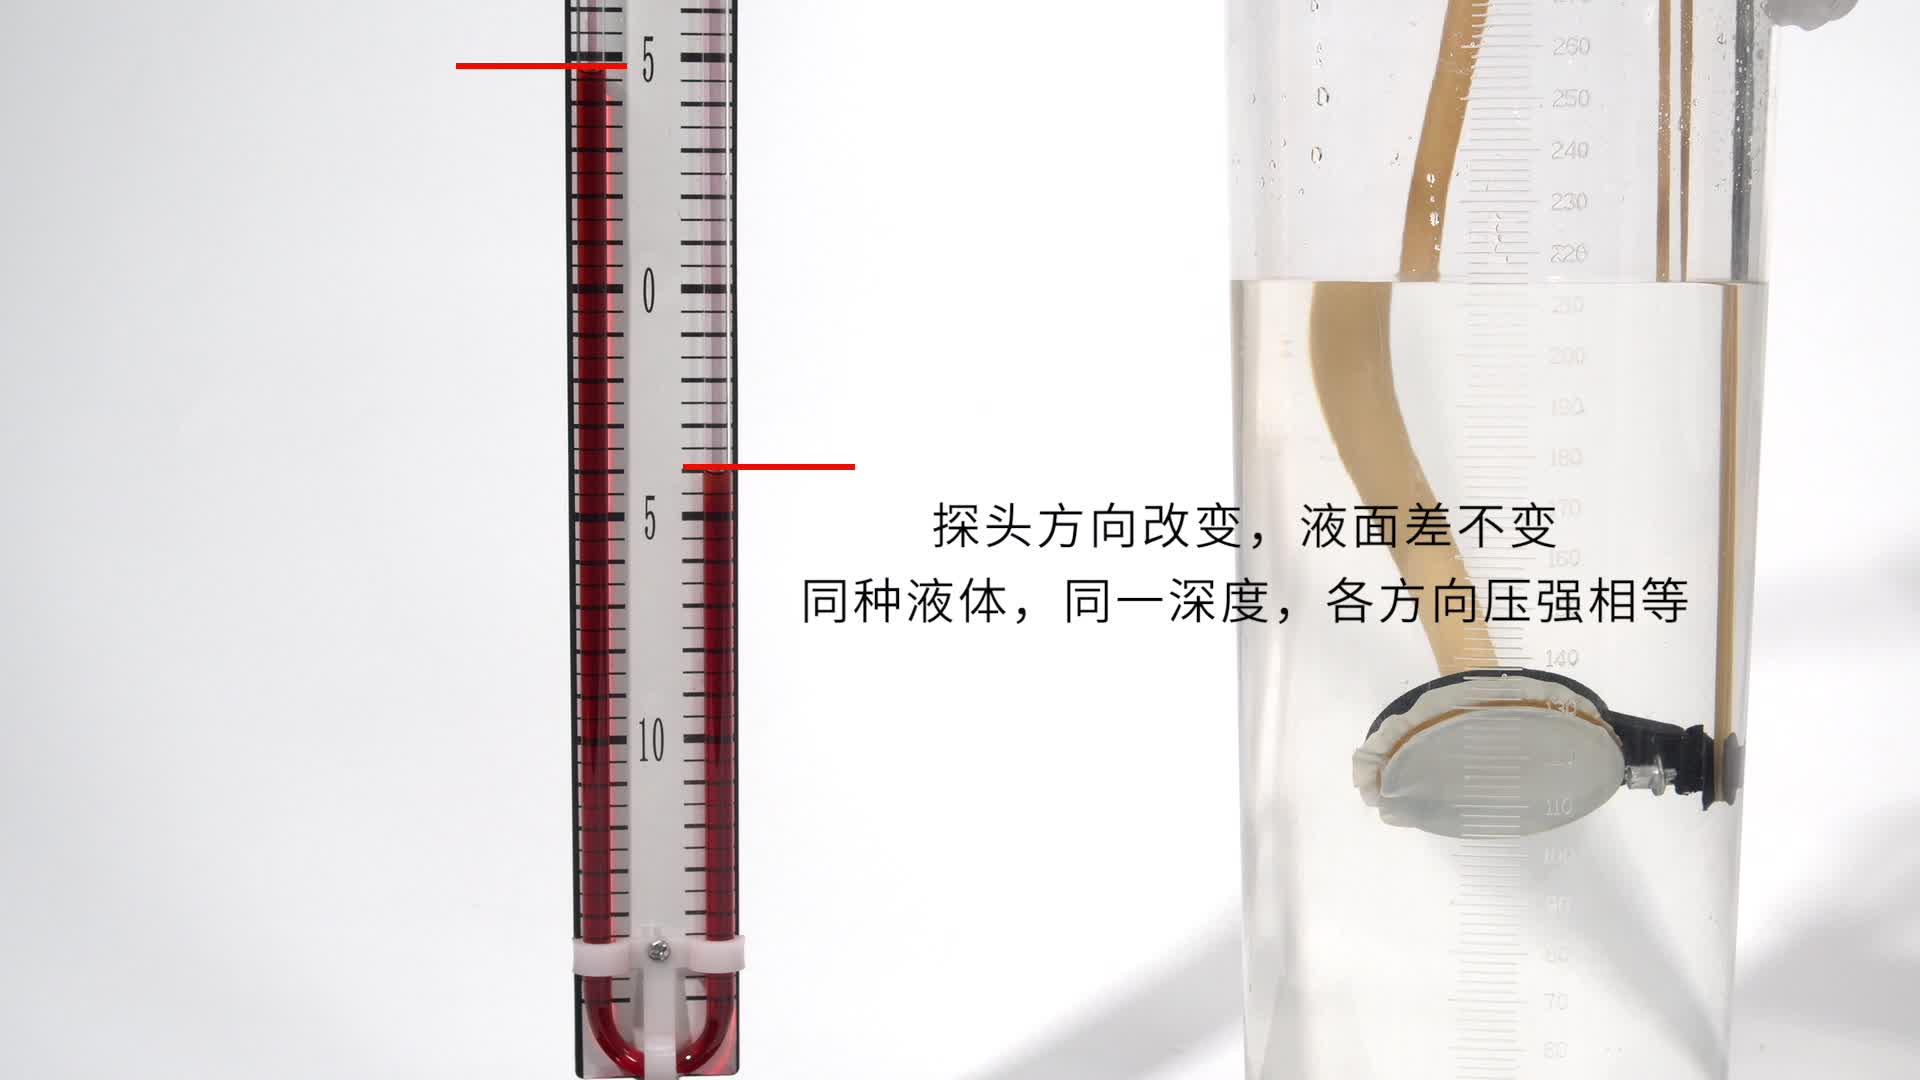 【限时折扣】9.2 探究液体压强的影响因素-【火花学院】人教版八年级物理下册 第九章 压强 第二节 液体的压强 知识点 探究液体压强的影响因素 [来自e网通客户端]